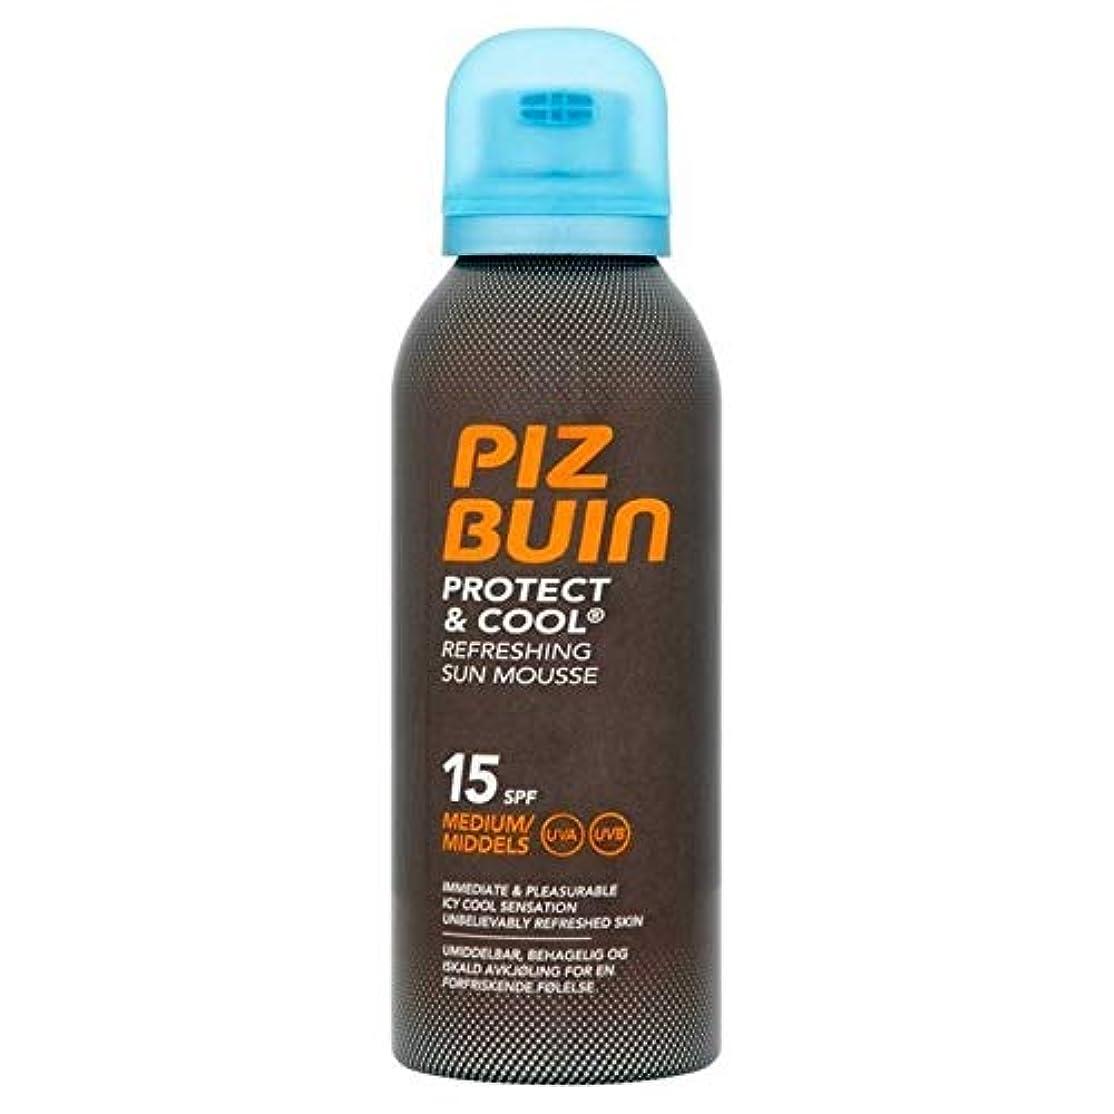 美容師芝生適度な[Piz Buin] ピッツのBuinのは、太陽のムースSpf15の150ミリリットルを保護&クール - Piz Buin Protect & Cool Sun Mousse SPF15 150ml [並行輸入品]